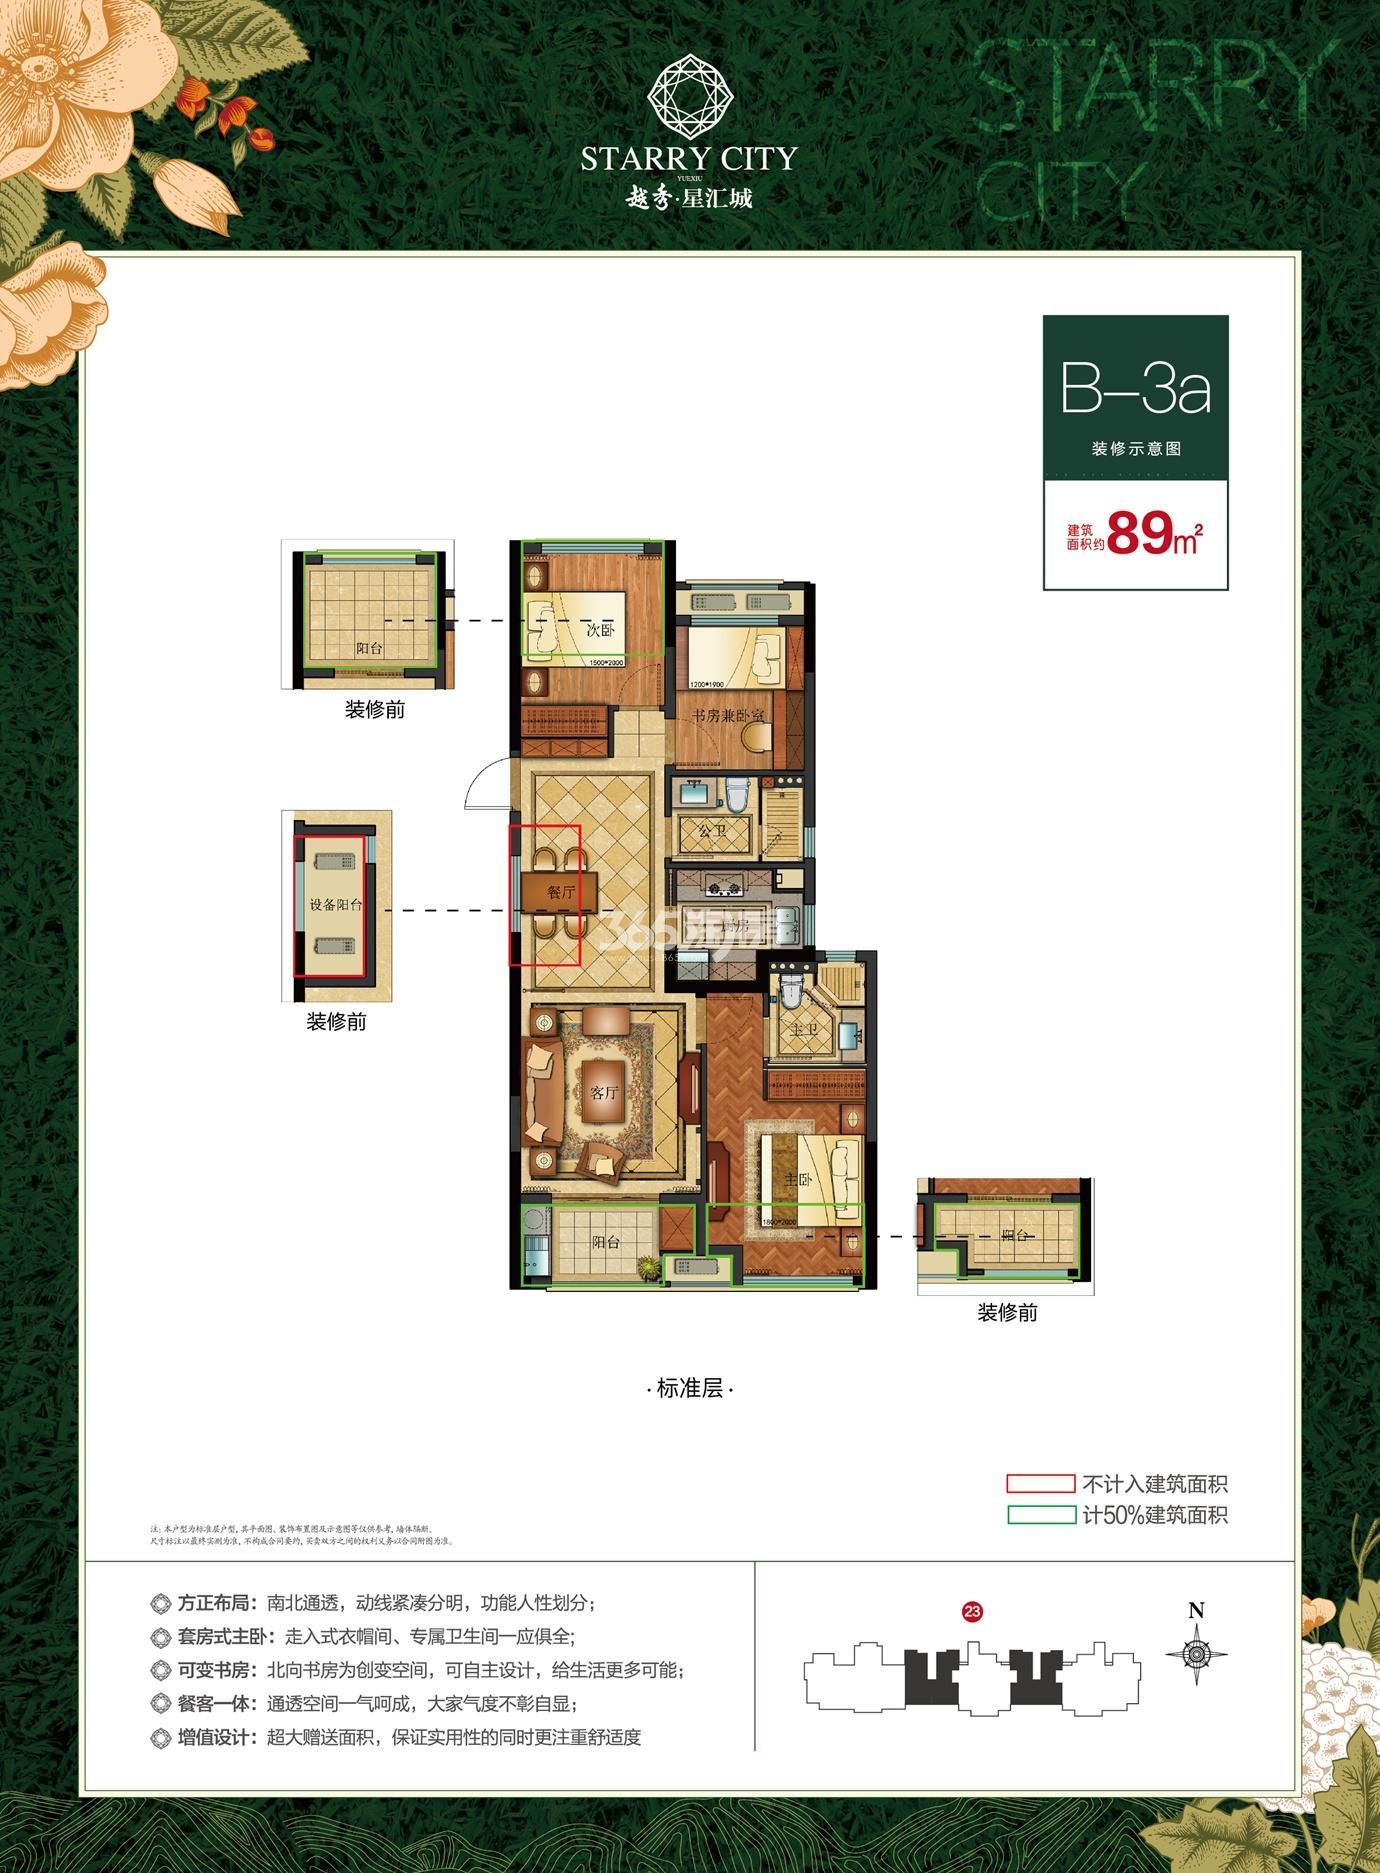 越秀星汇城B-3a户型夹边套89方 (23号楼)